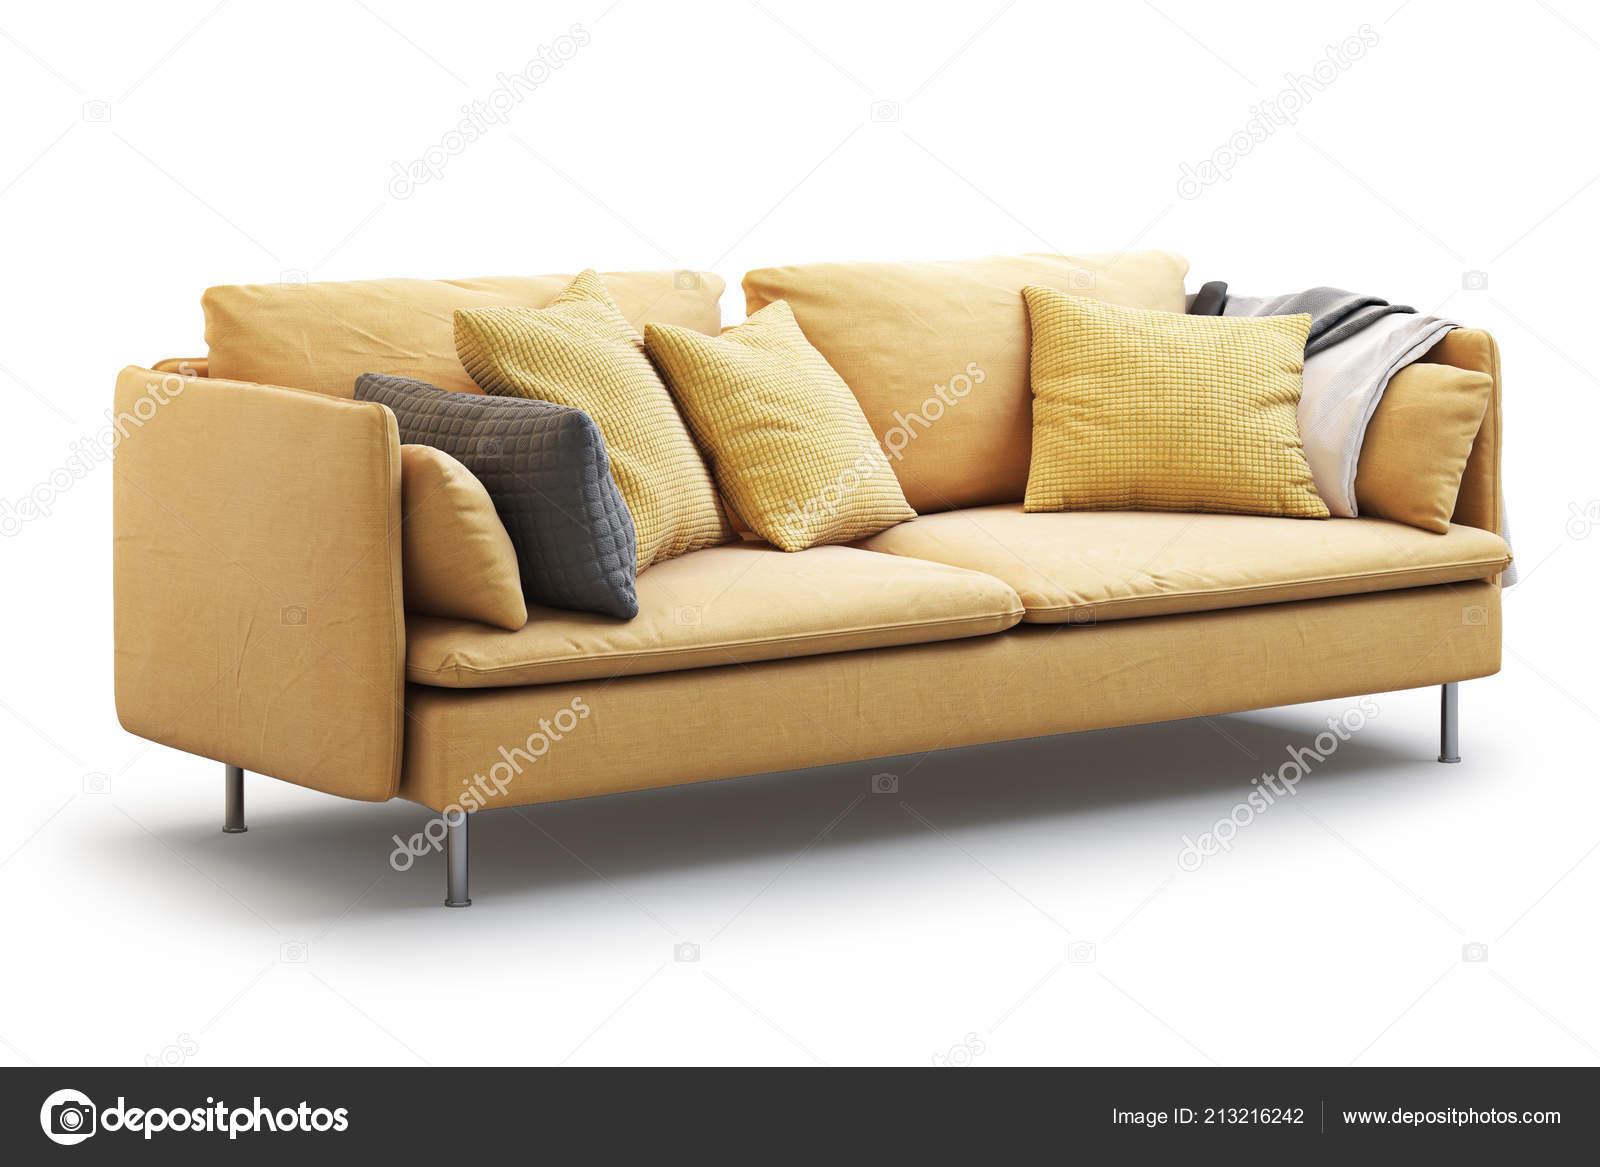 Terrific Modern Yellow Textile Sofa Pillows Plaid White Background Dailytribune Chair Design For Home Dailytribuneorg